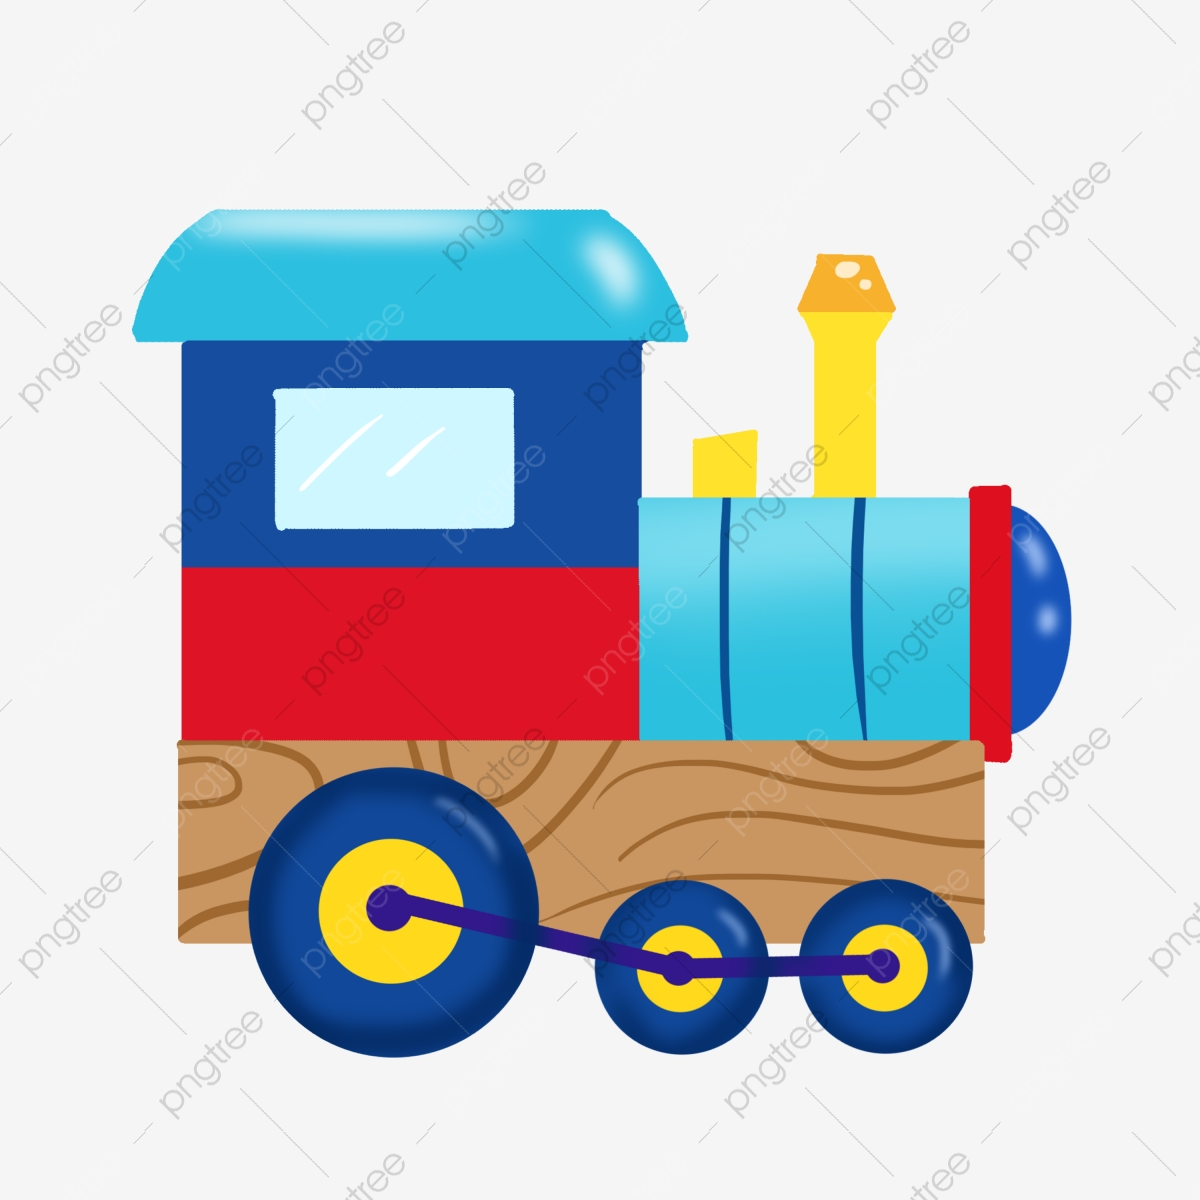 Gambar Kereta Api Kartun Berwarna Gambar Kereta Api Biru Kereta Api Mainan Kereta Yang Ditarik Tangan Hiasan Keretapi Ilustrasi Kereta Api Roda Biru Kereta Biru Png Dan Psd Untuk Muat Turun Percuma